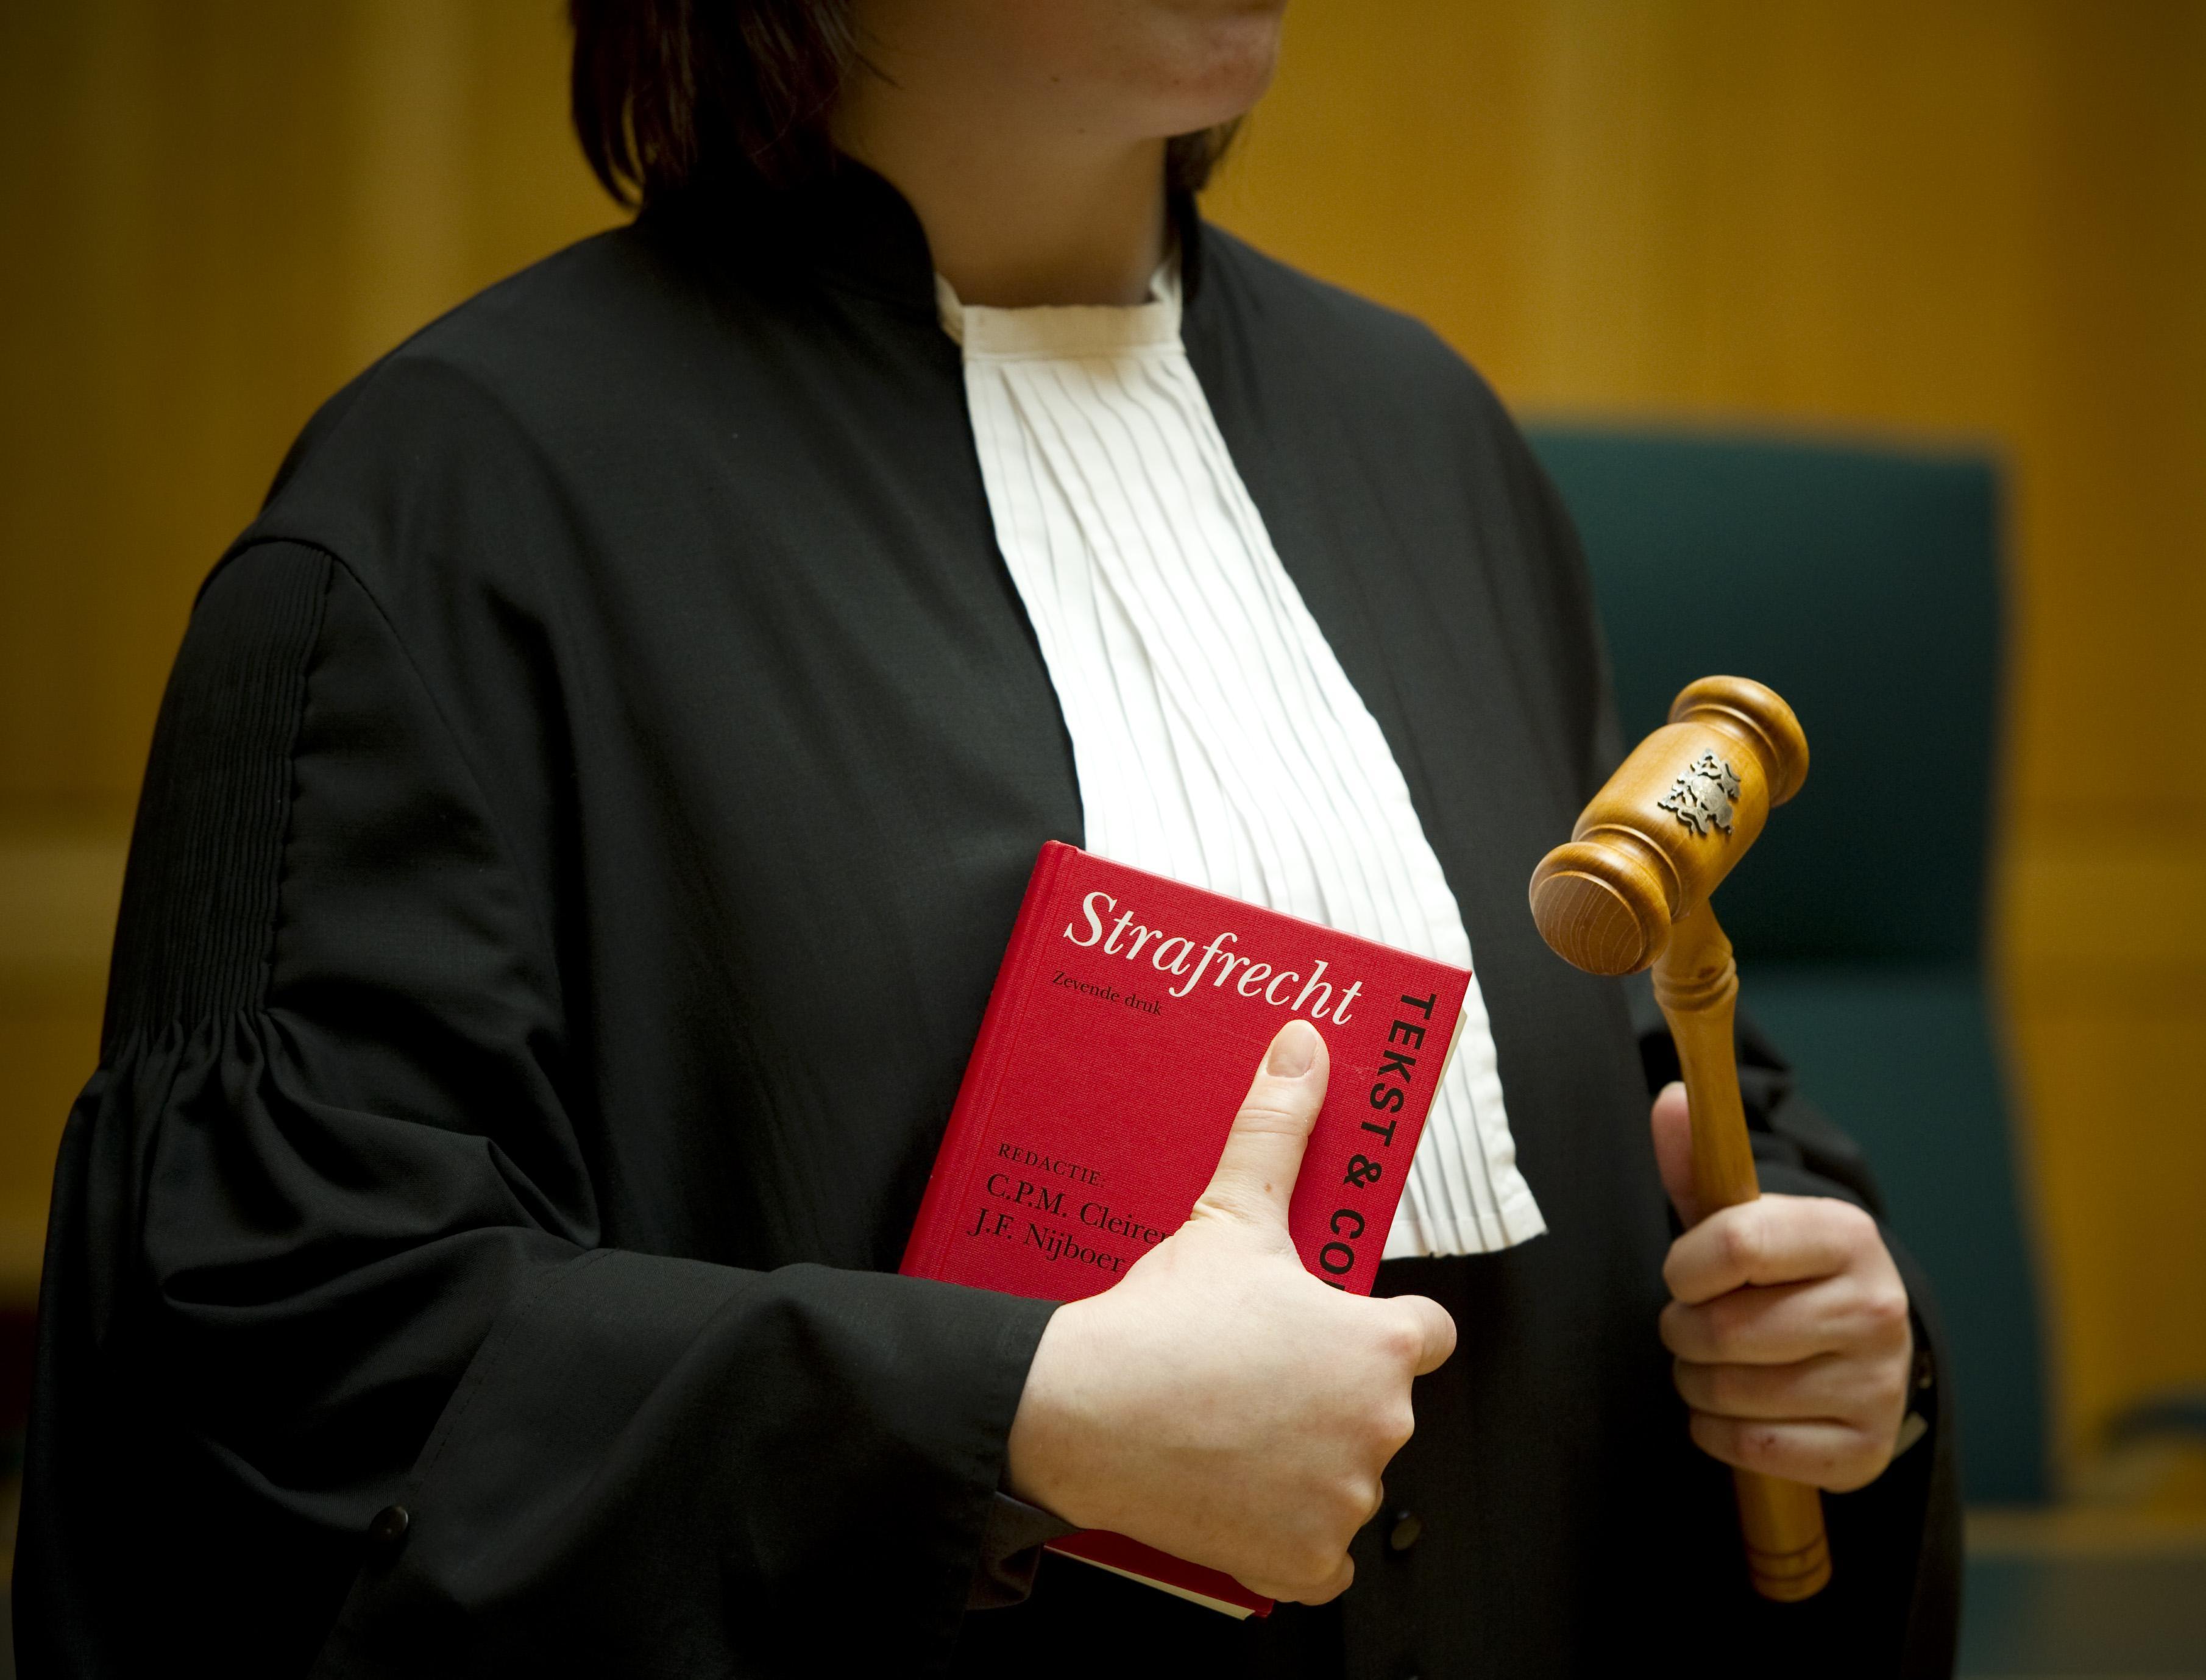 Huilend vroeg de Soester om hem geen celstraf te geven voor de vernieling van de spullen van een deurwaarder. De rechter kwam hem tegemoet